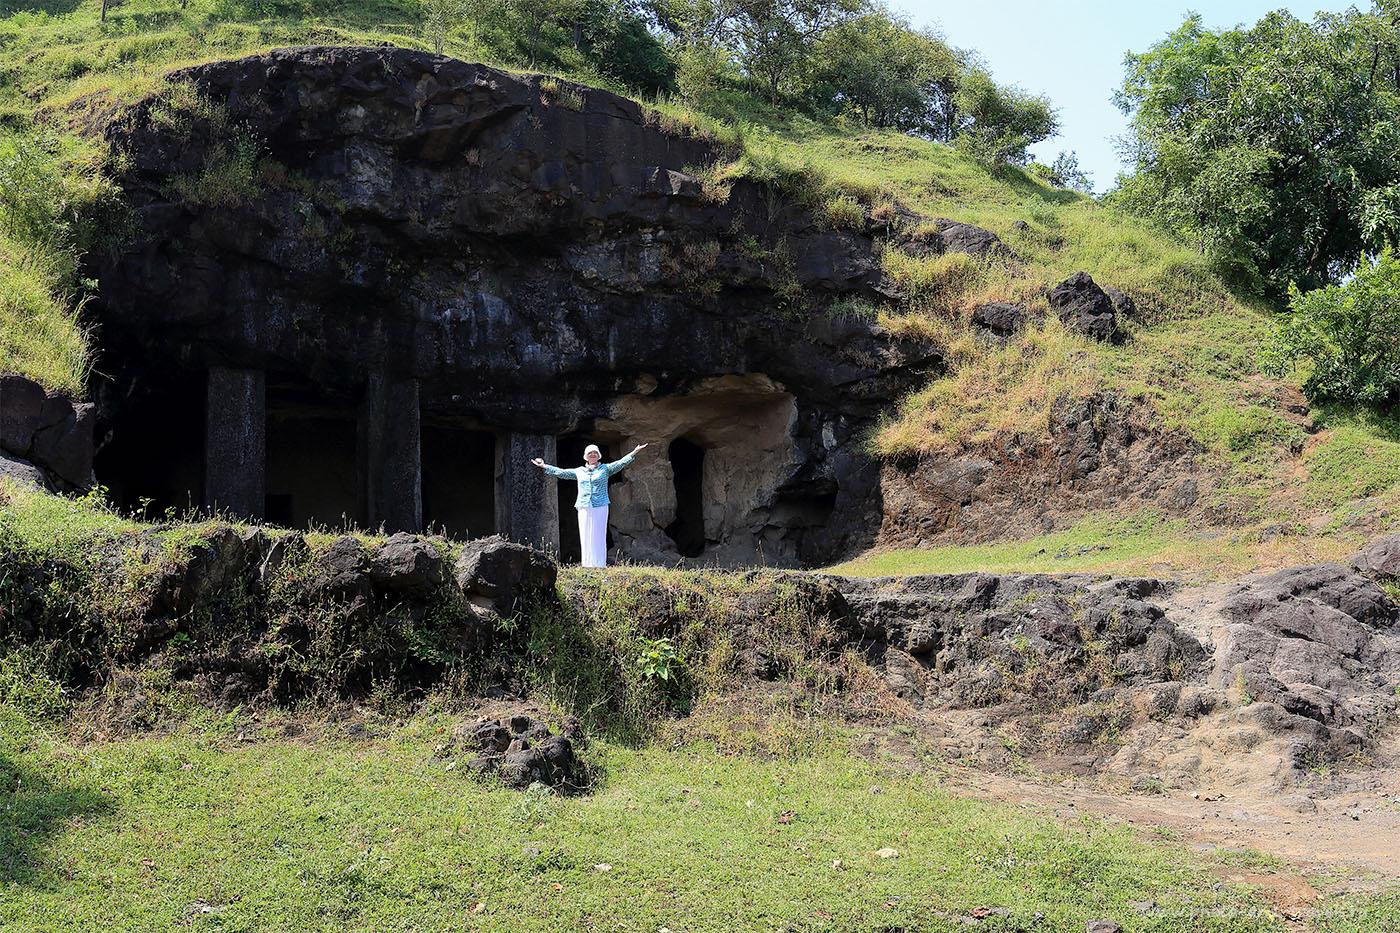 17. Пещеры восточного склона. Отчет о поездке на остров Элефанта самостоятельно. Что посмотреть в Мумбаи. Отзывы туристов из России об отдыхе в Индии (17-40, 1/80, -1eV, f9, 24 mm, ISO 100).